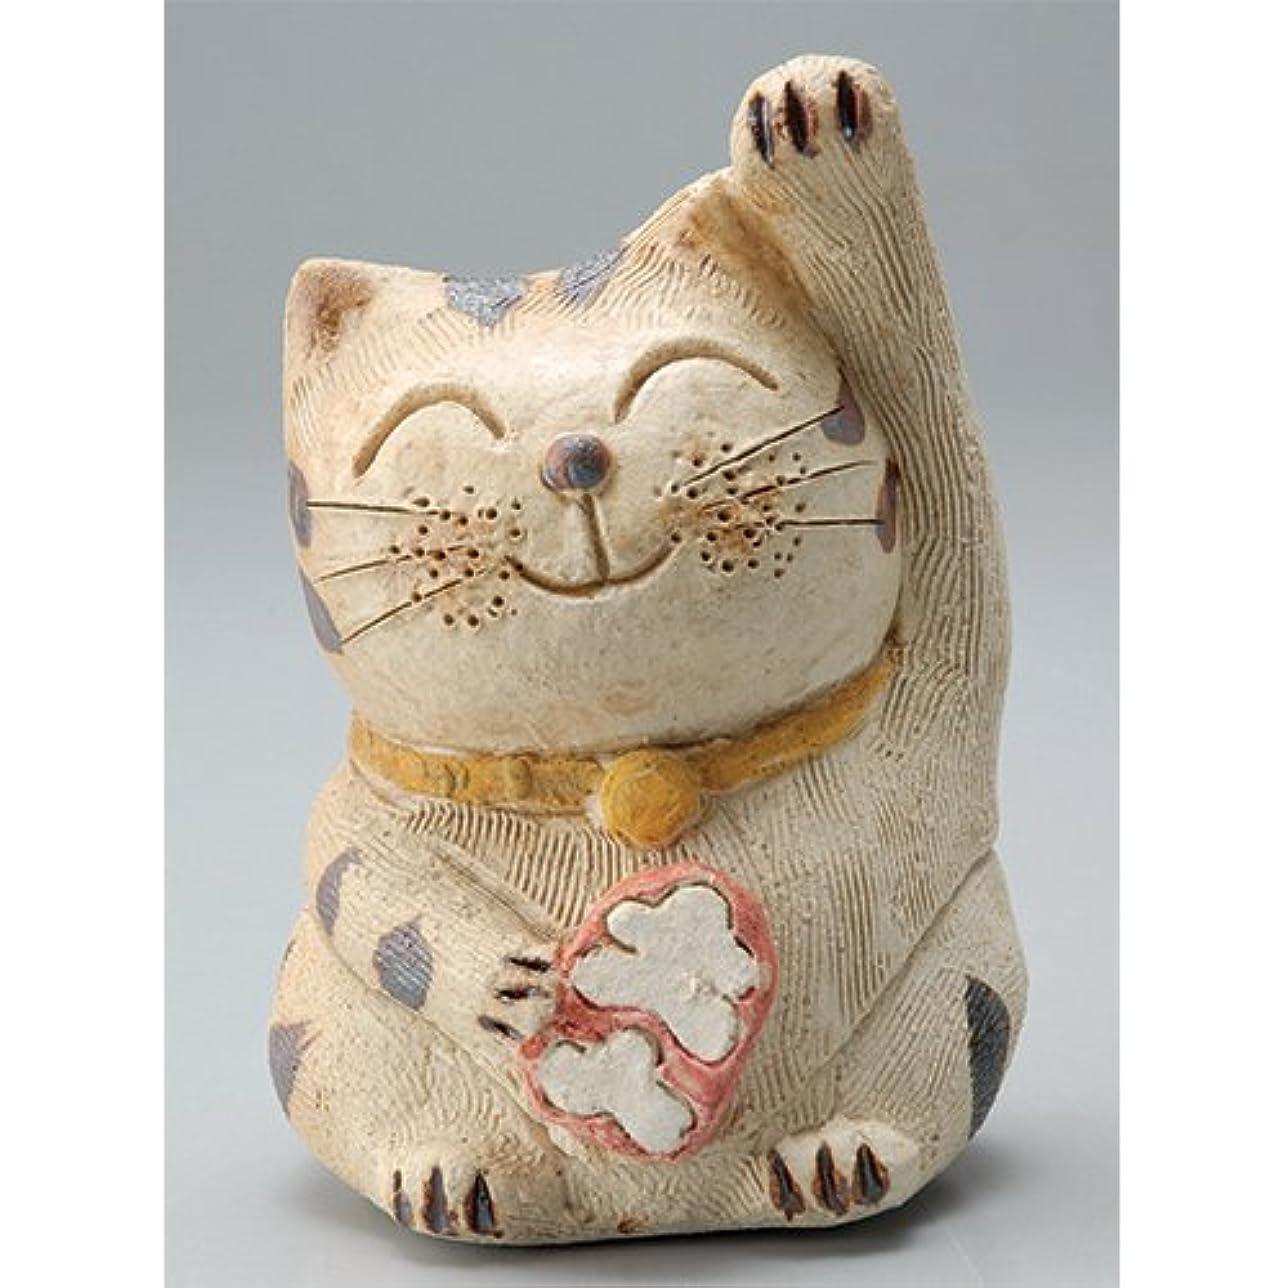 次浴暴露する香炉 微笑み招き猫(人招き)香炉(小) [H8.5cm] HANDMADE プレゼント ギフト 和食器 かわいい インテリア